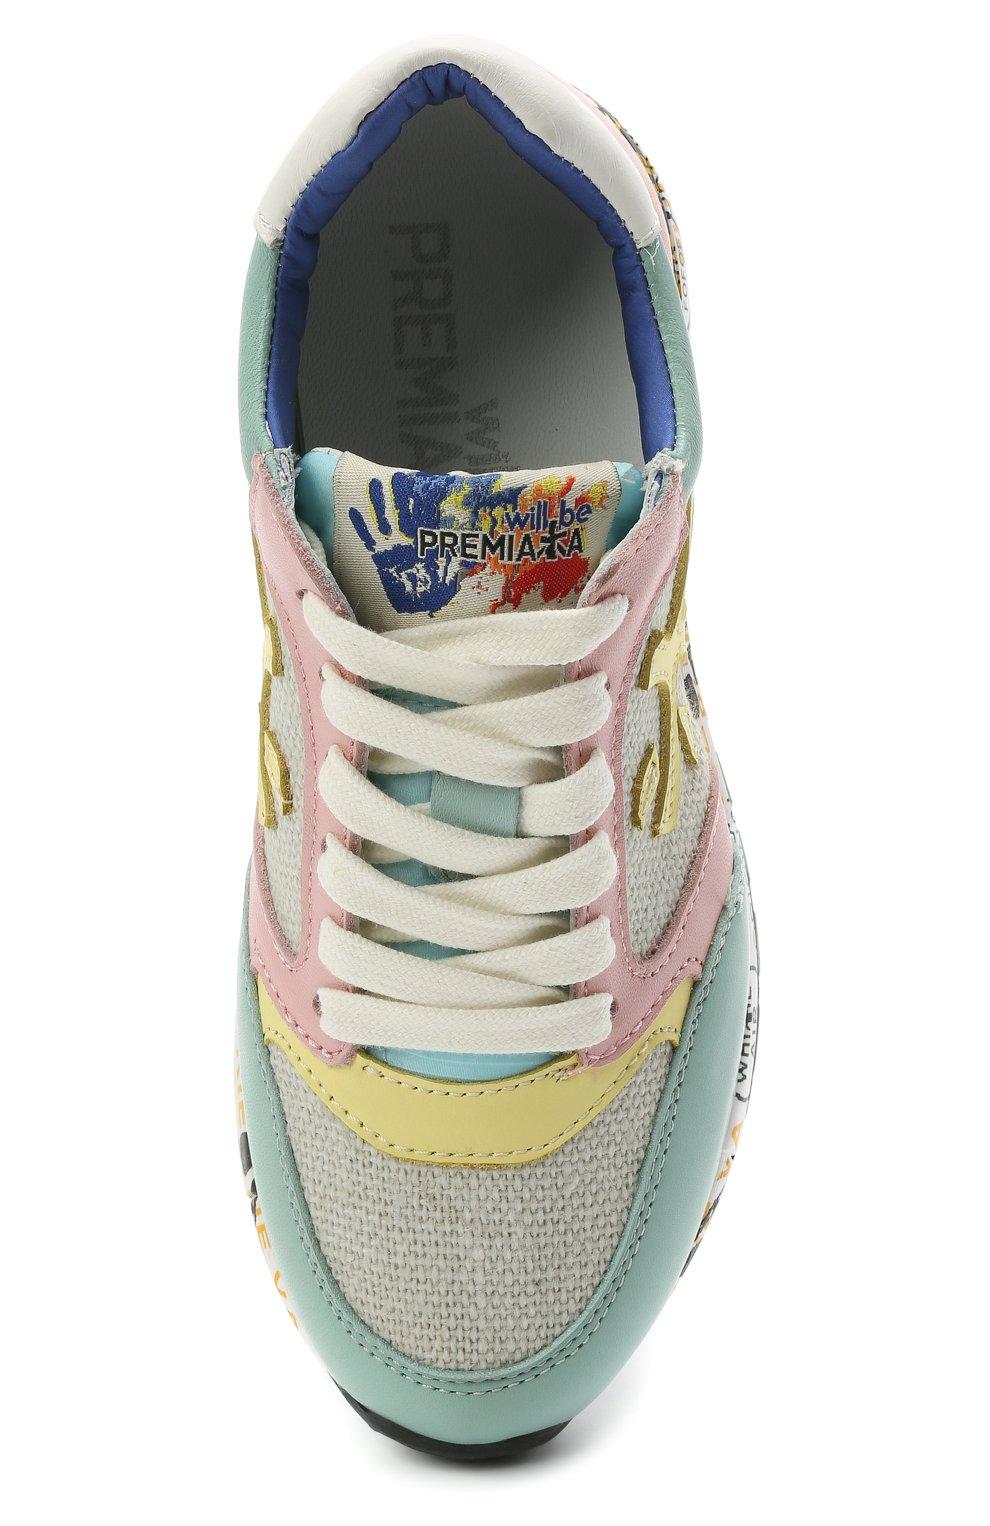 Детские кроссовки PREMIATA WILL BE разноцветного цвета, арт. ZAC ZAC/12-91536/CHILD | Фото 4 (Материал внешний: Текстиль; Материал внутренний: Натуральная кожа)